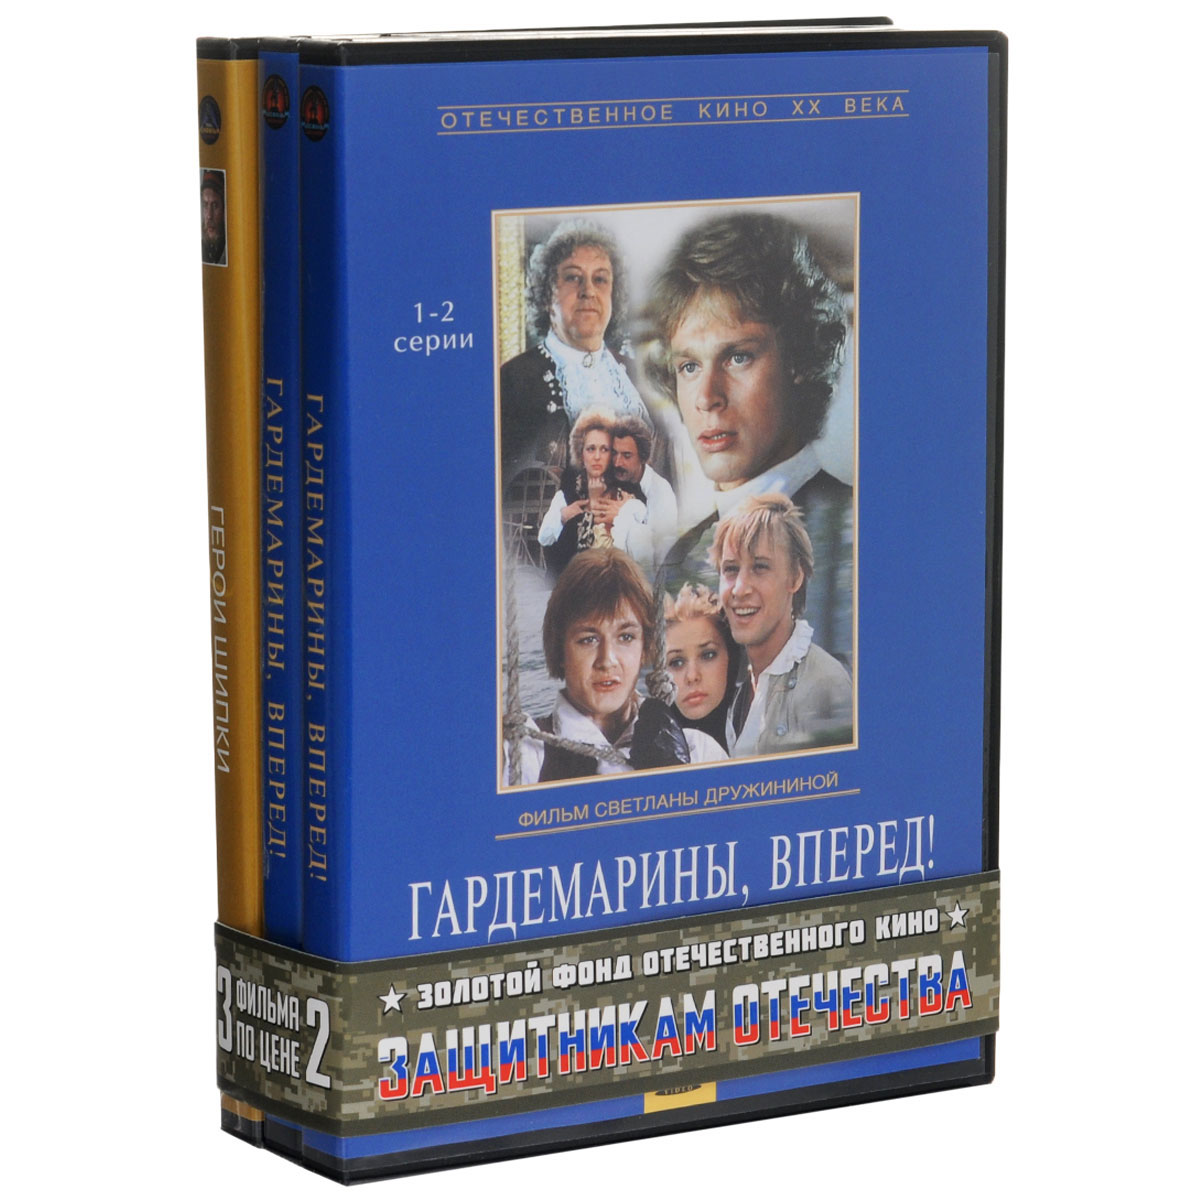 Защитникам отечества: Гардемарины, вперед! 1-4 серии 2DVD / Герои Шипки. 1-2 серии (3 DVD) гардемарины iii